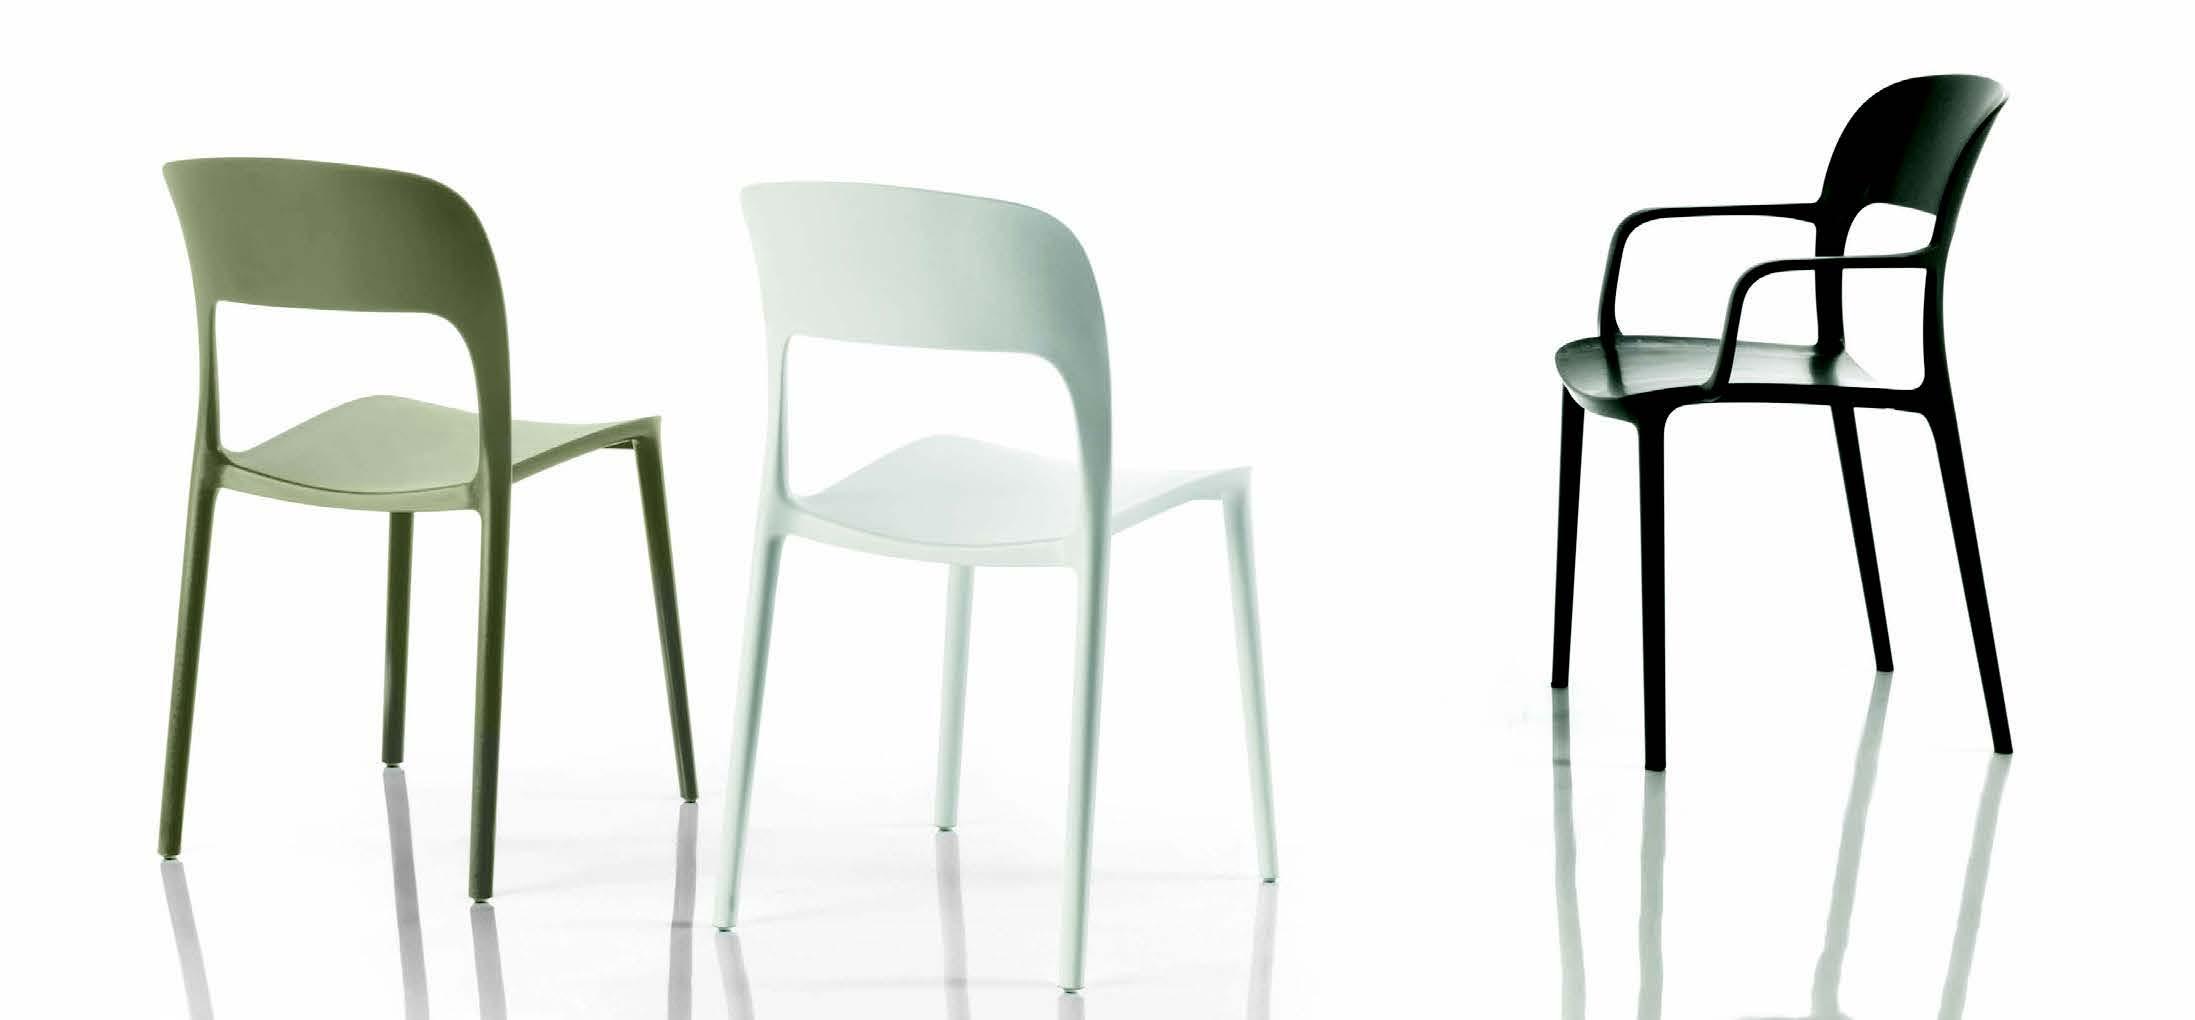 Sedie Polipropilene Design.Sedia In Polipropilene Gipsy Galimberti Sedie E Tavoli